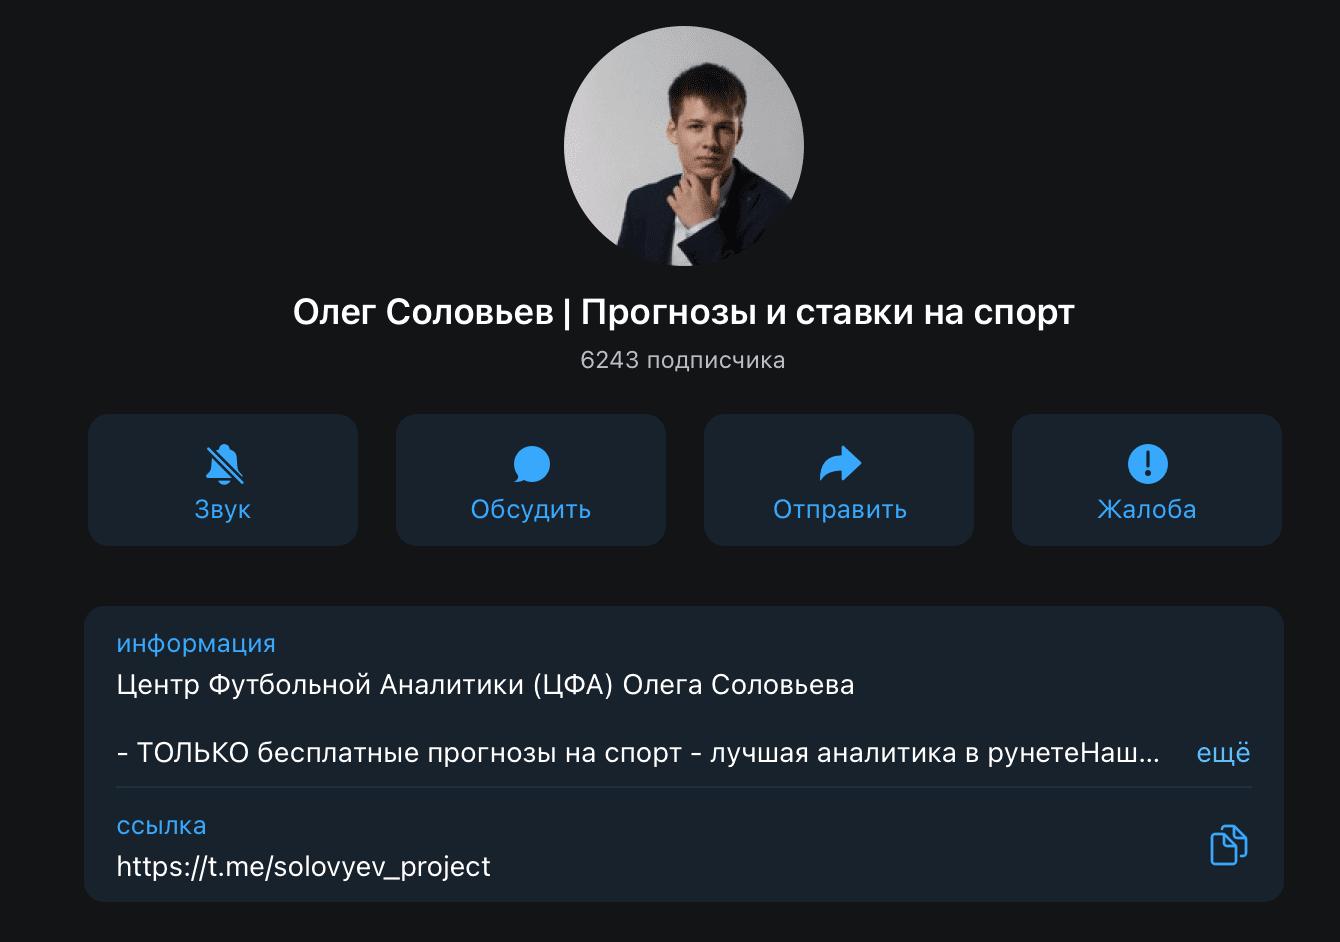 Телеграм канал Олега Соловьева